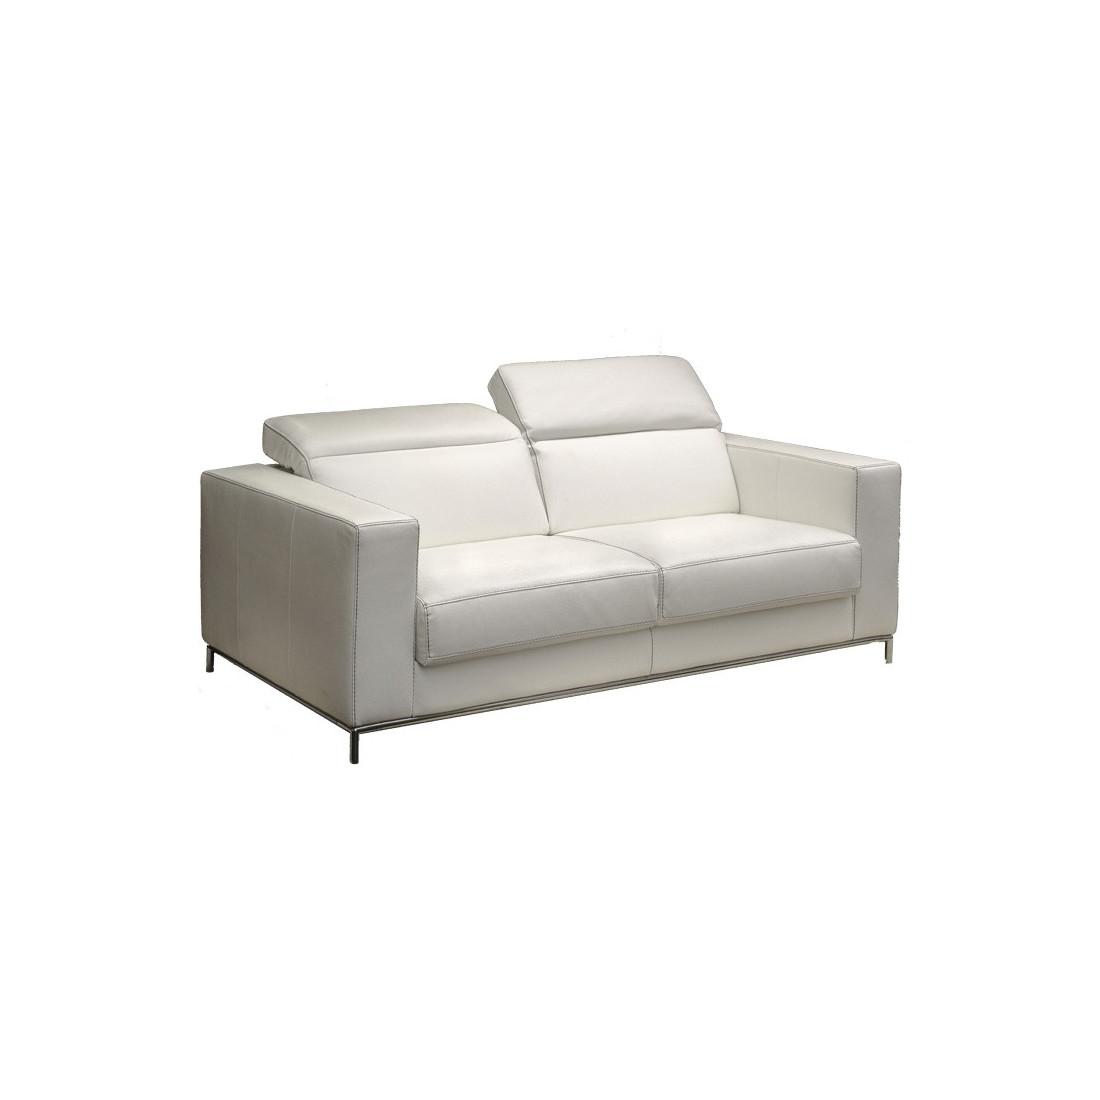 canap convertible 140 cm nubiaunivers du salon. Black Bedroom Furniture Sets. Home Design Ideas